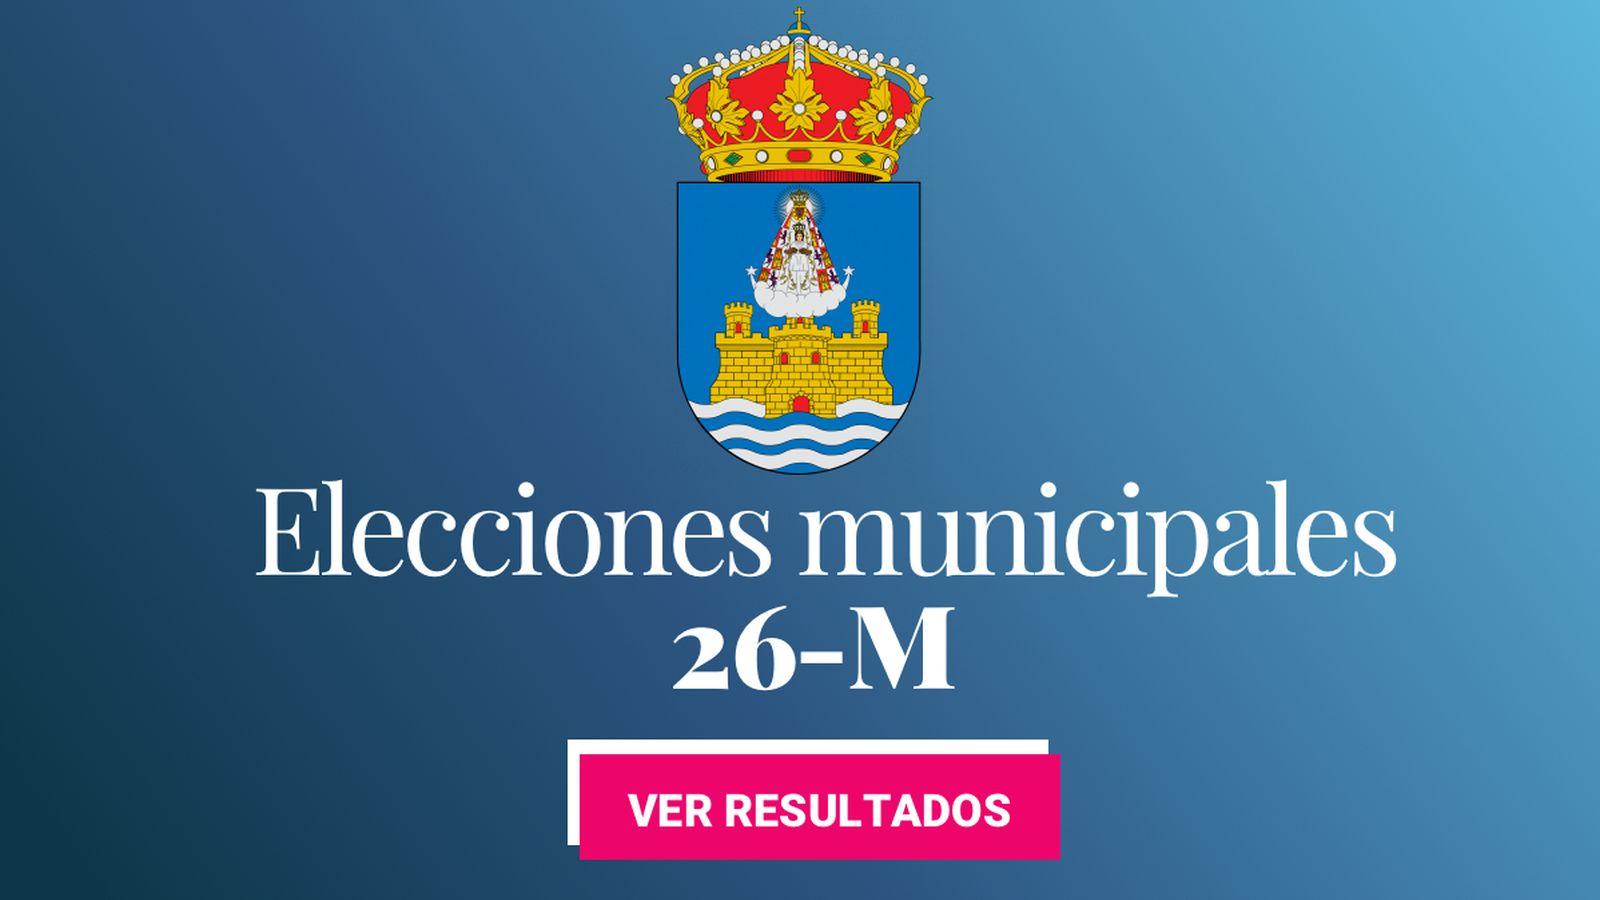 Foto: Elecciones municipales 2019 en El Puerto de Santa María. (C.C./EC)